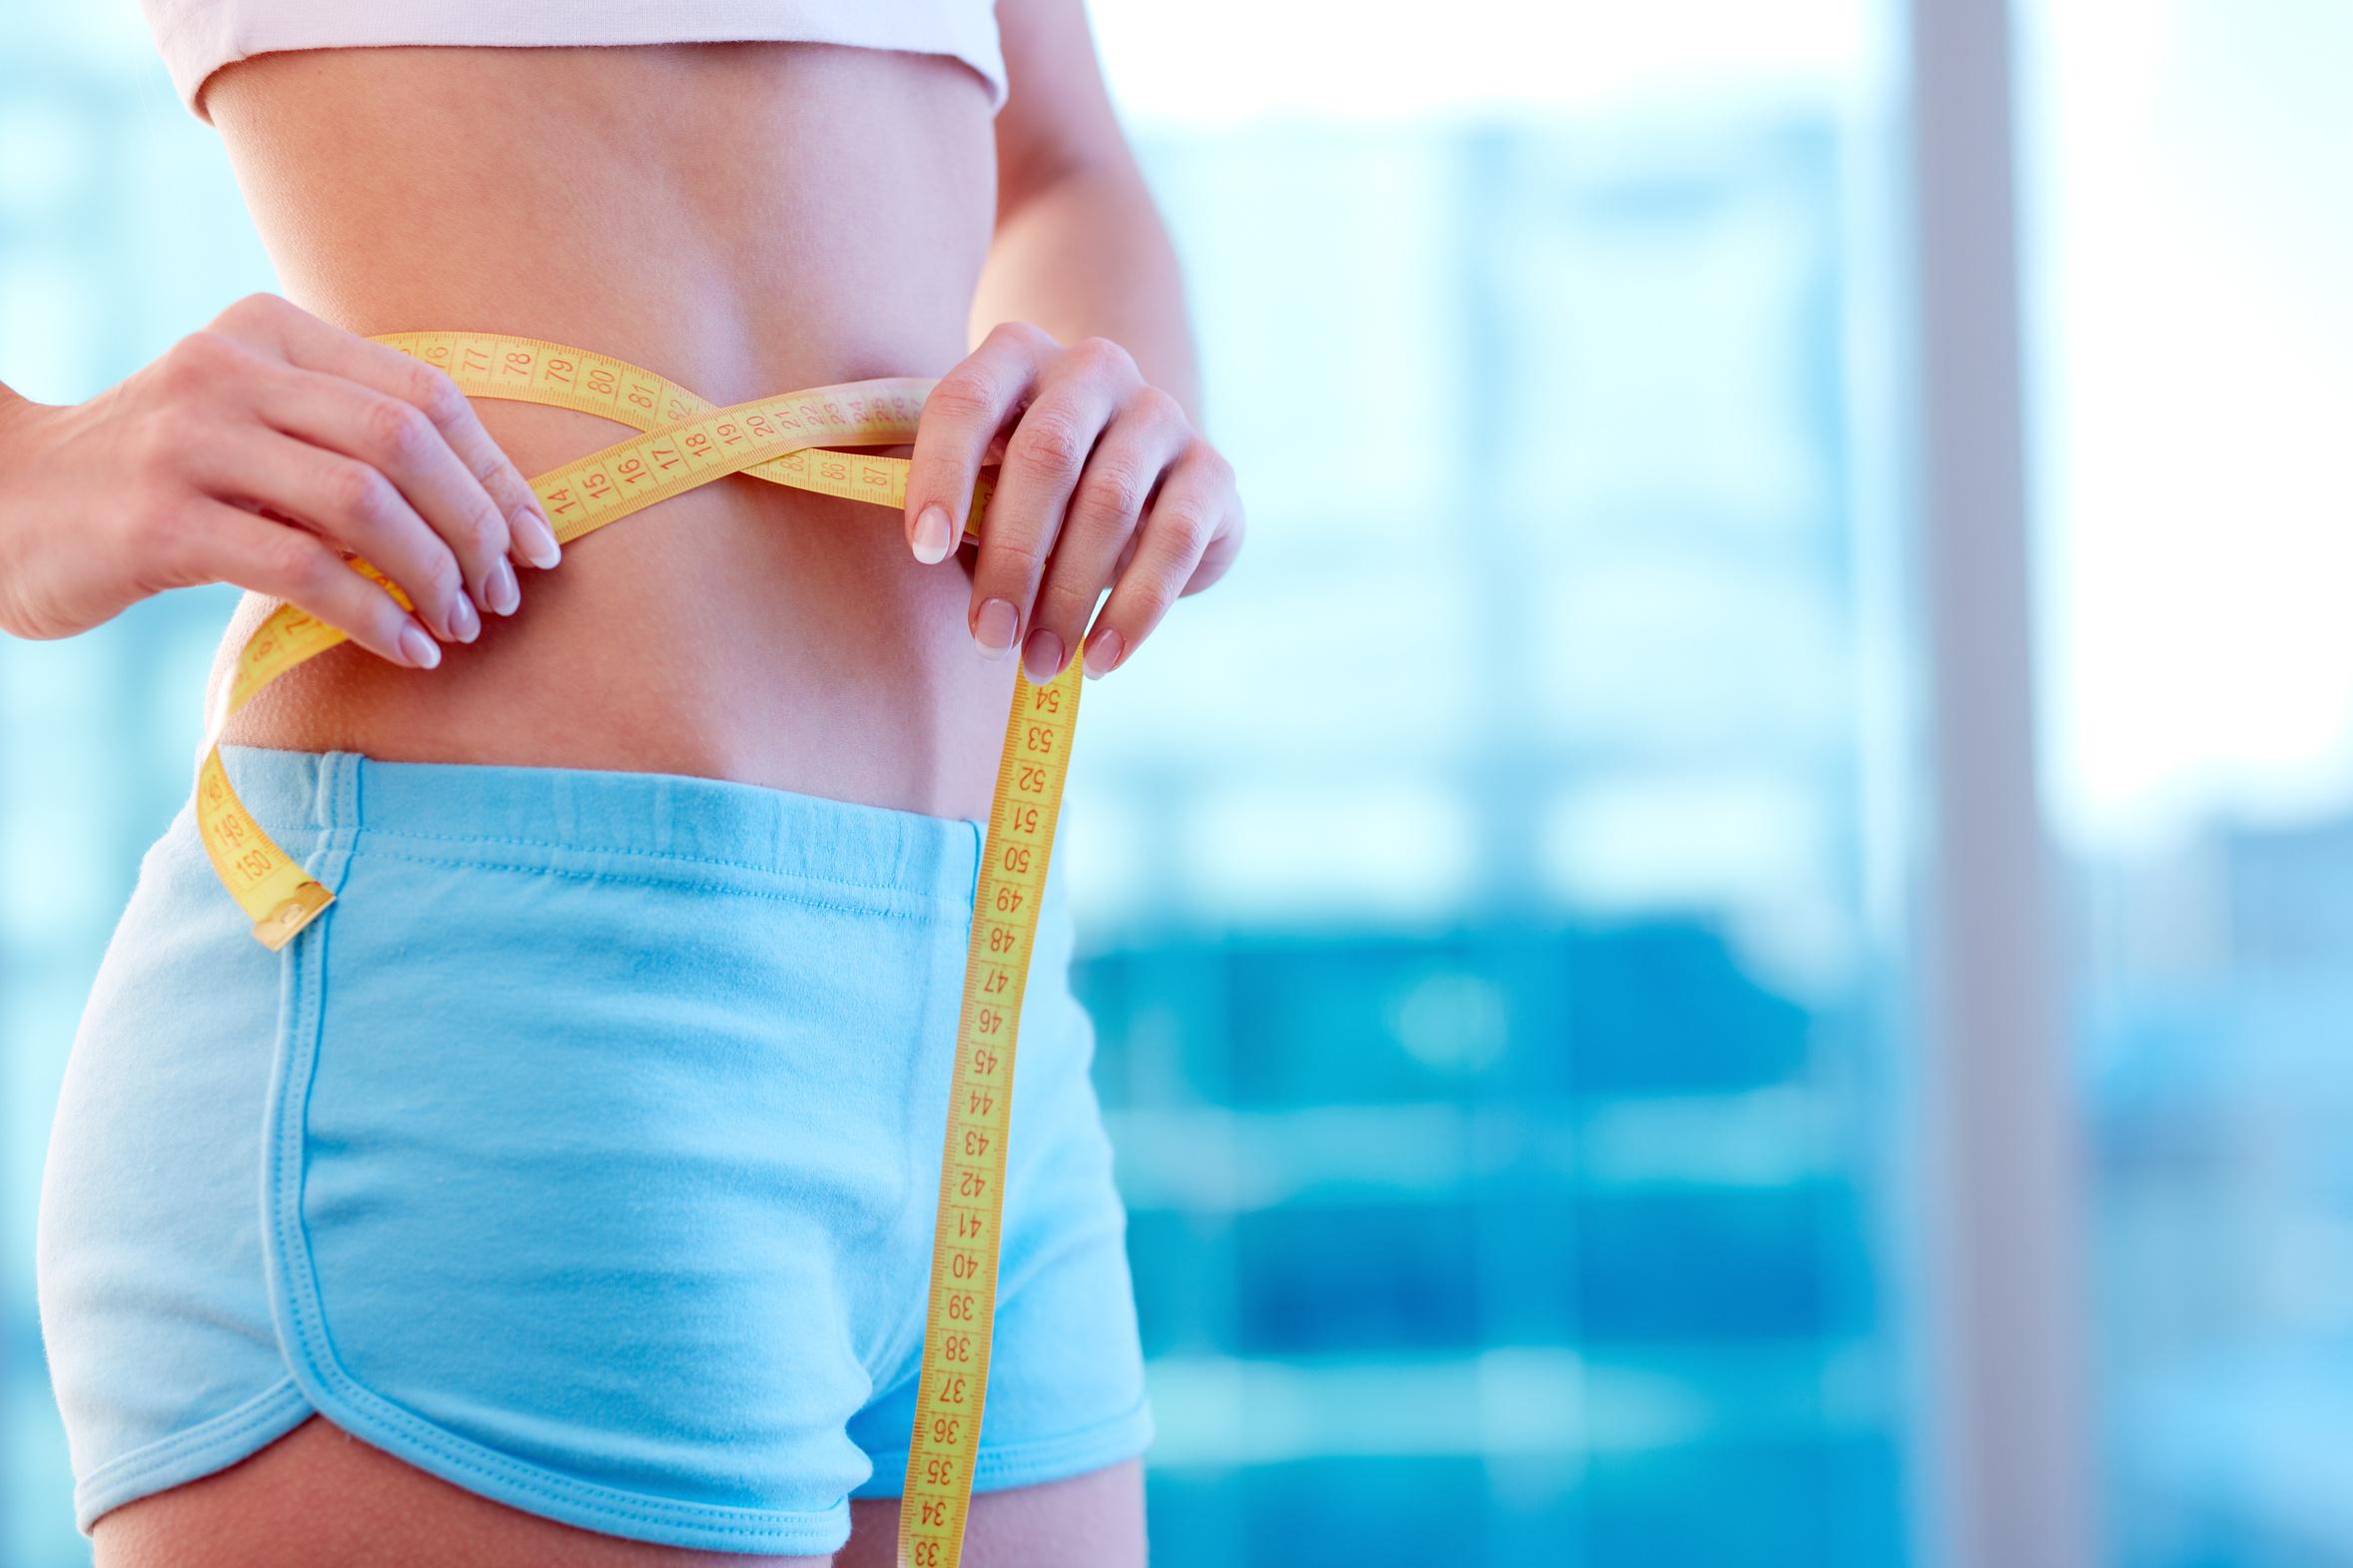 mennyi zsírt veszít 2 hét alatt)